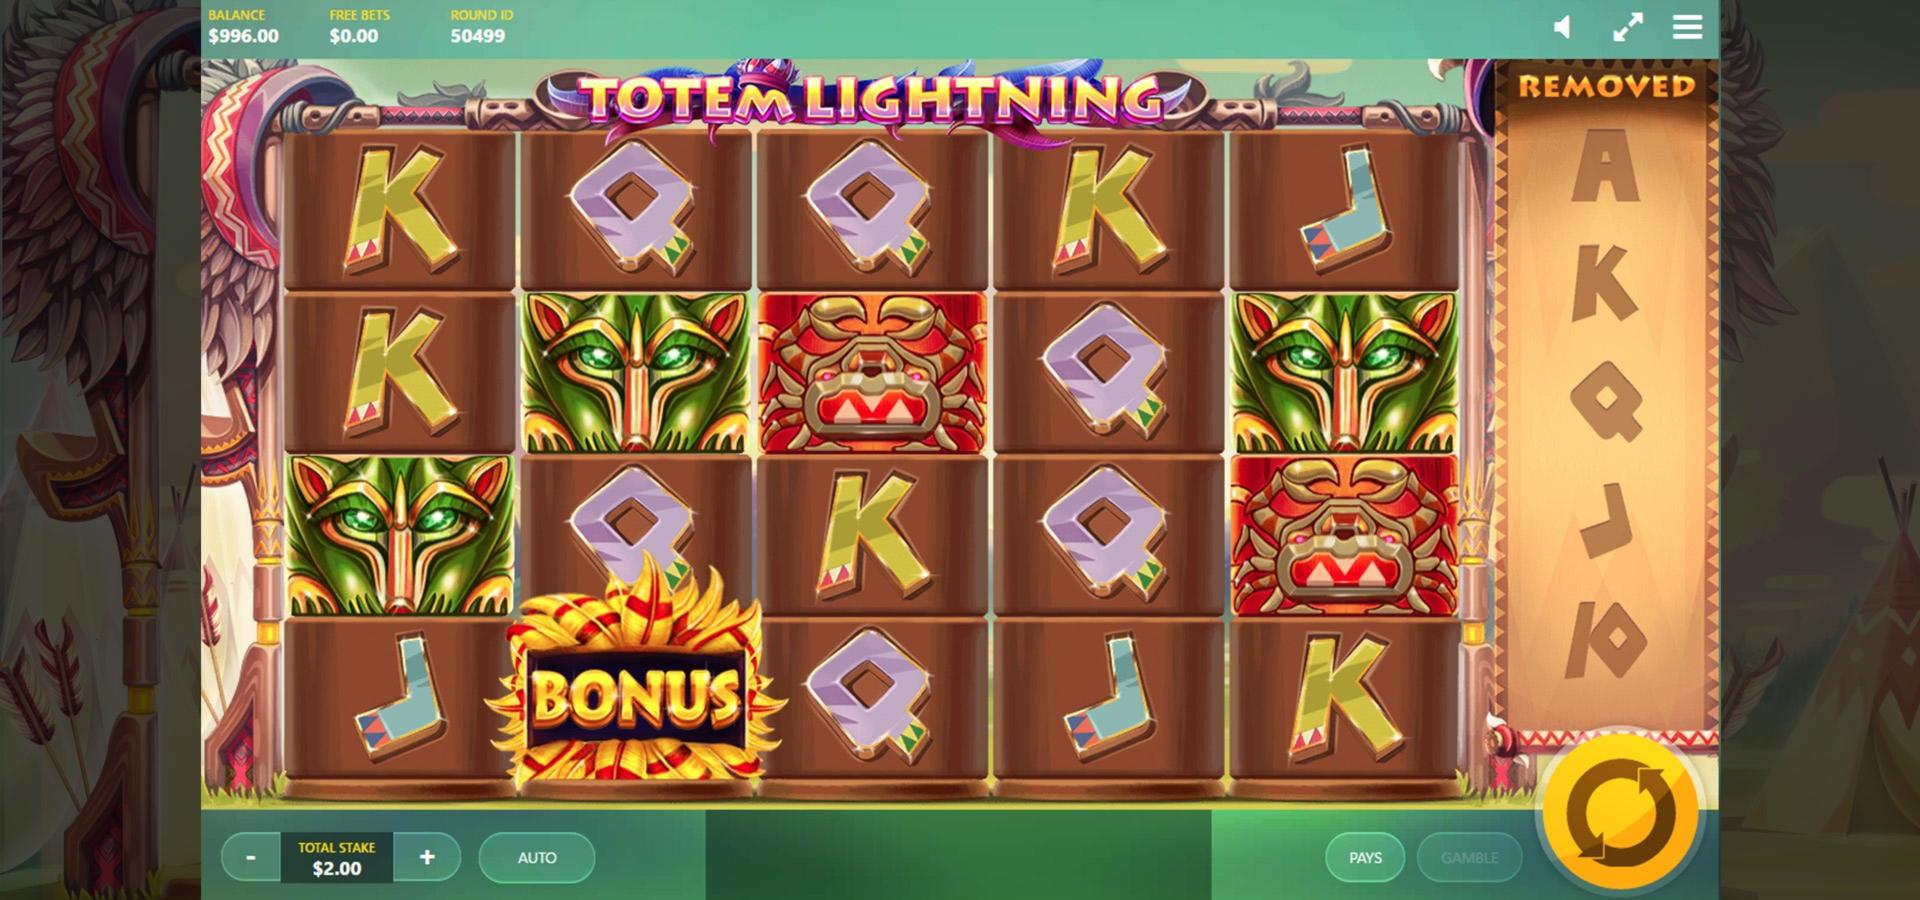 EURO 490 Casino Chip at Desert Nights